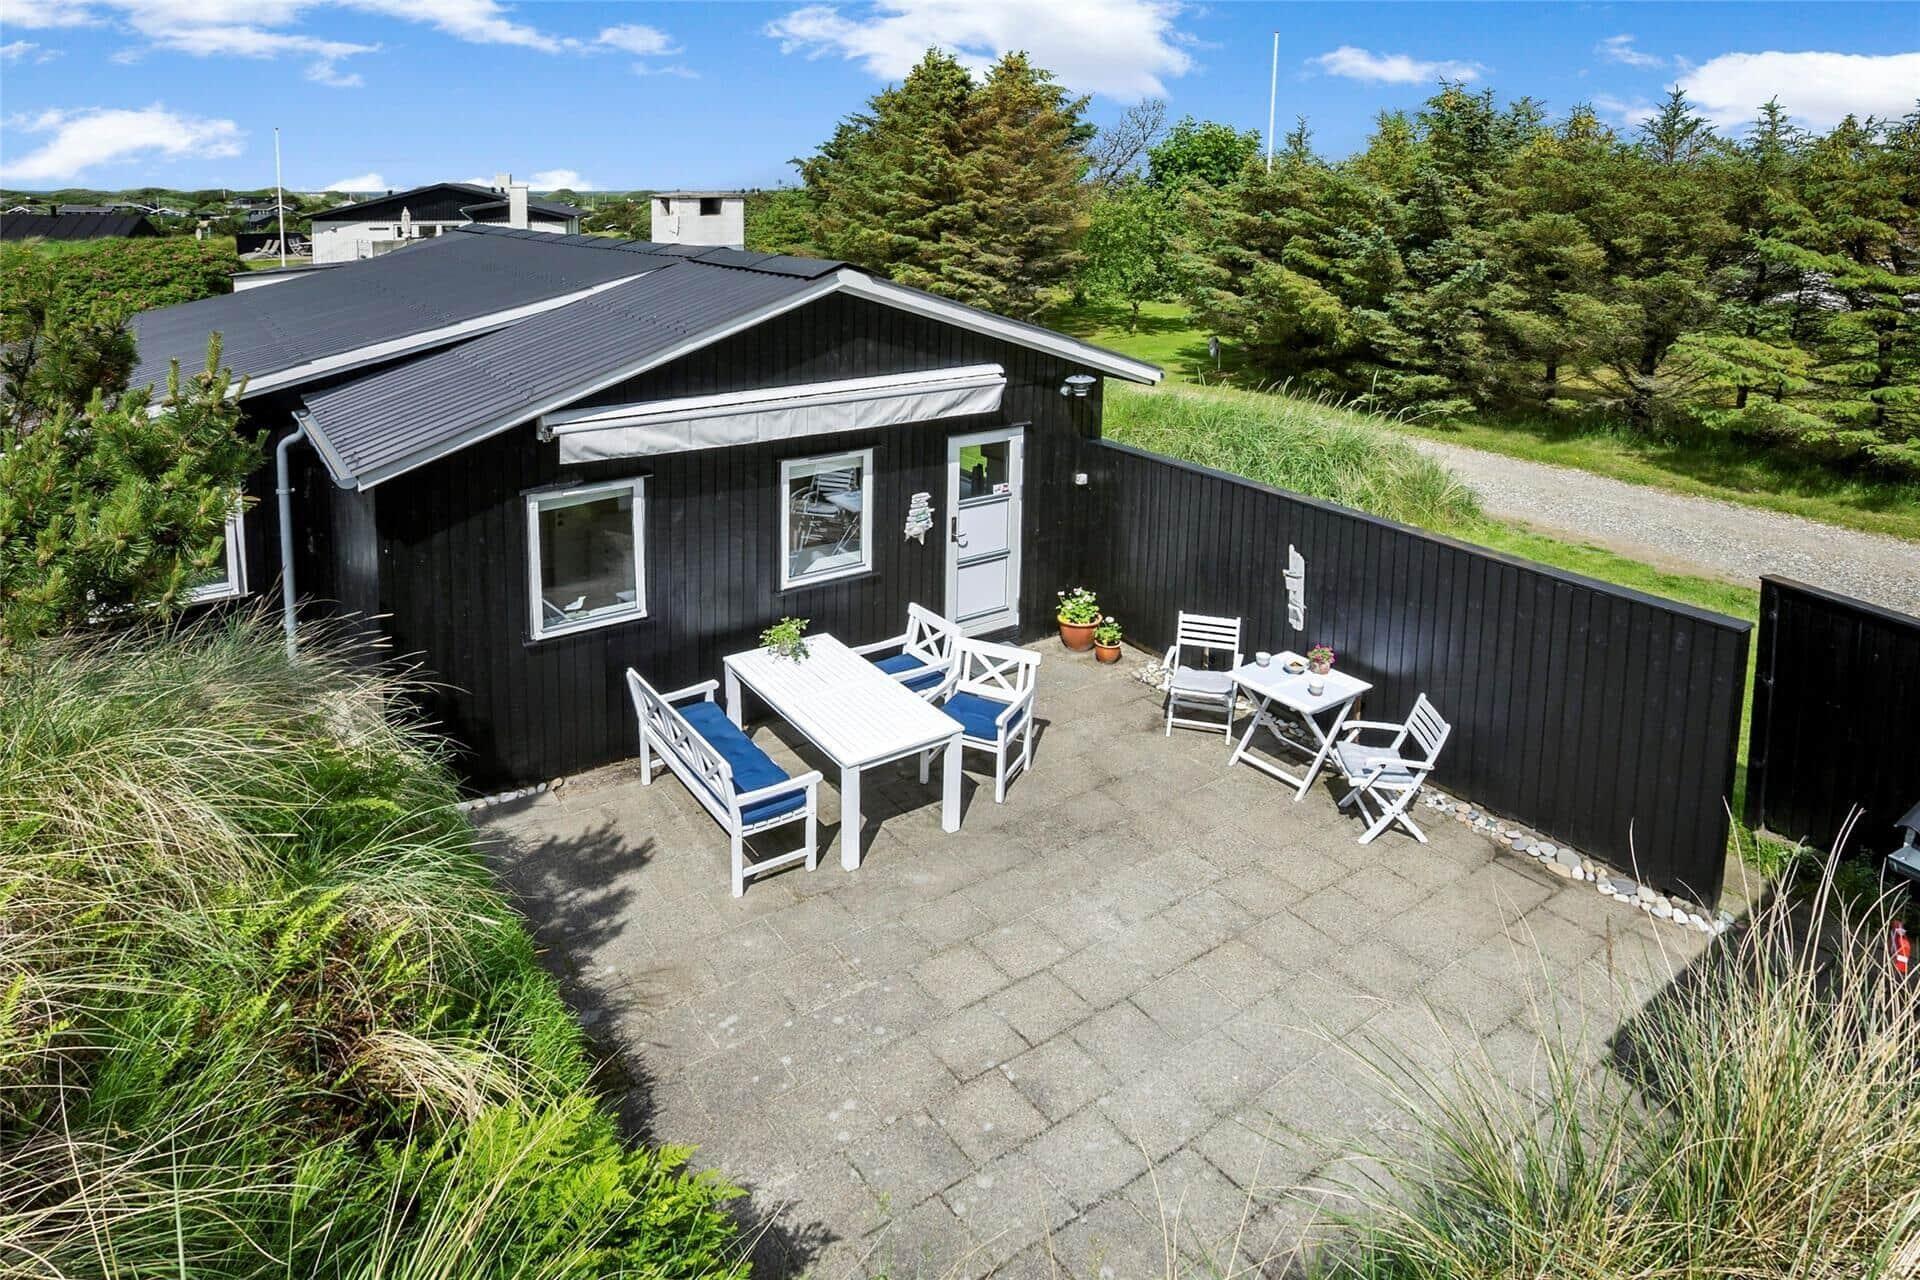 Bild 0-176 Ferienhaus BL487, Gyvelvej 4, DK - 9492 Blokhus